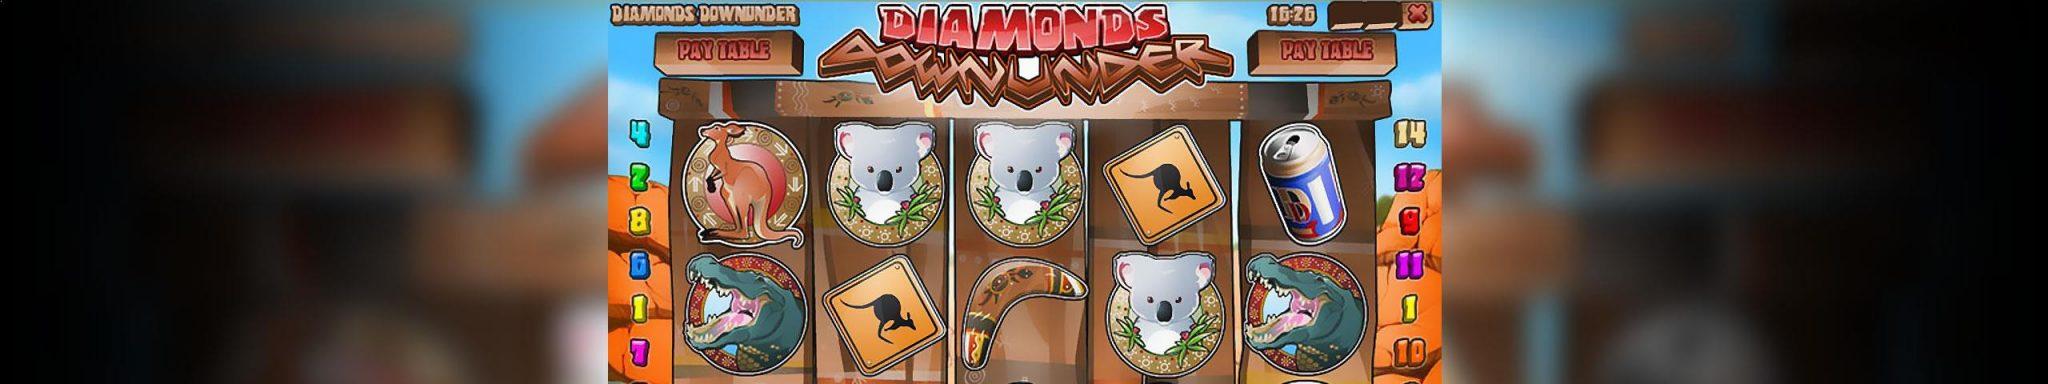 Norske Spilleautomater Diamonds Downunder Rival Slider - Himmelspill.com